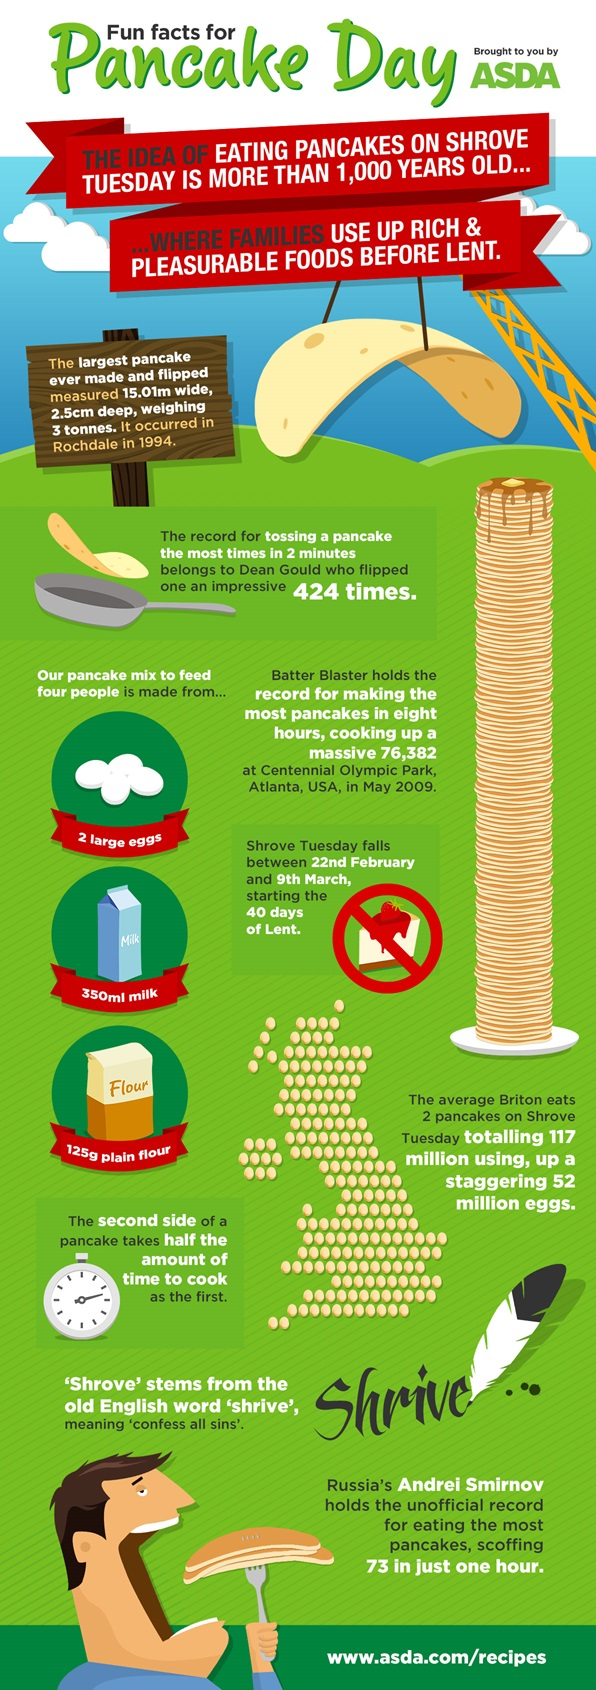 asda-fun-facts-pancake-day